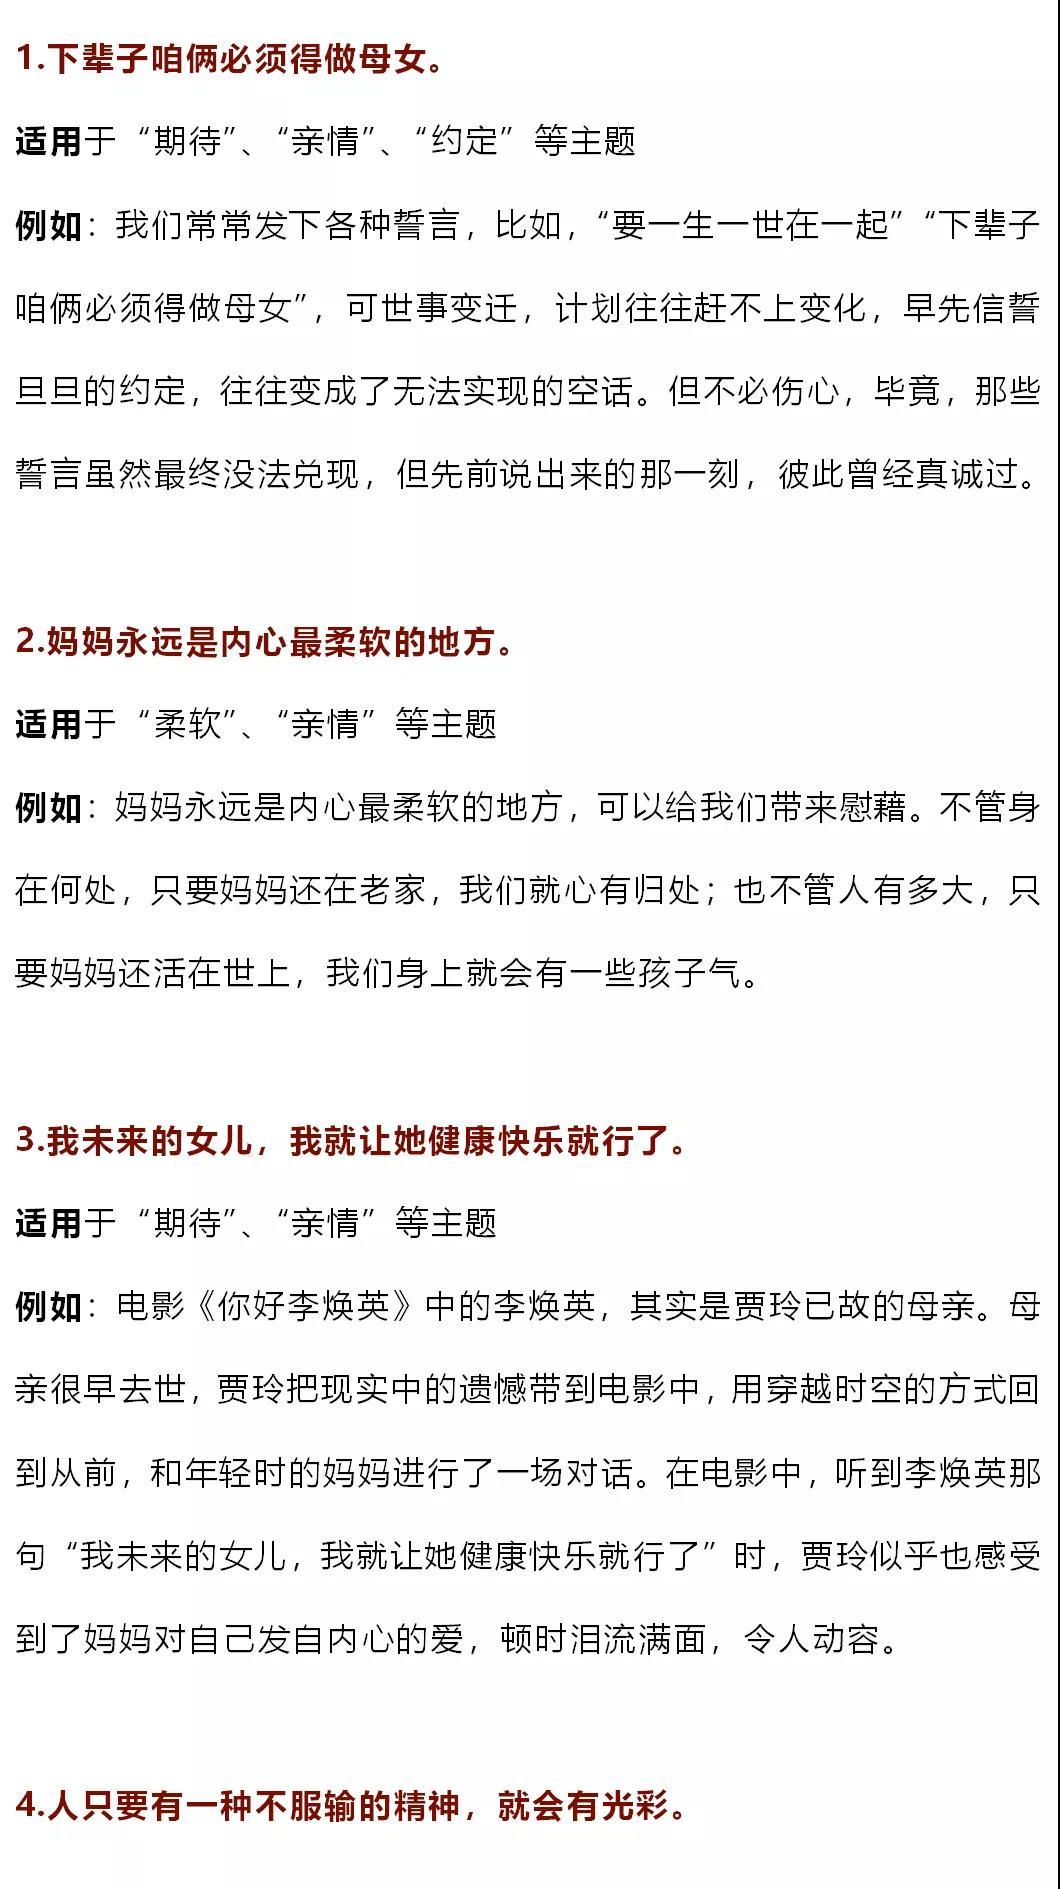 电影《你好,李焕英》相关的9句写作素材1